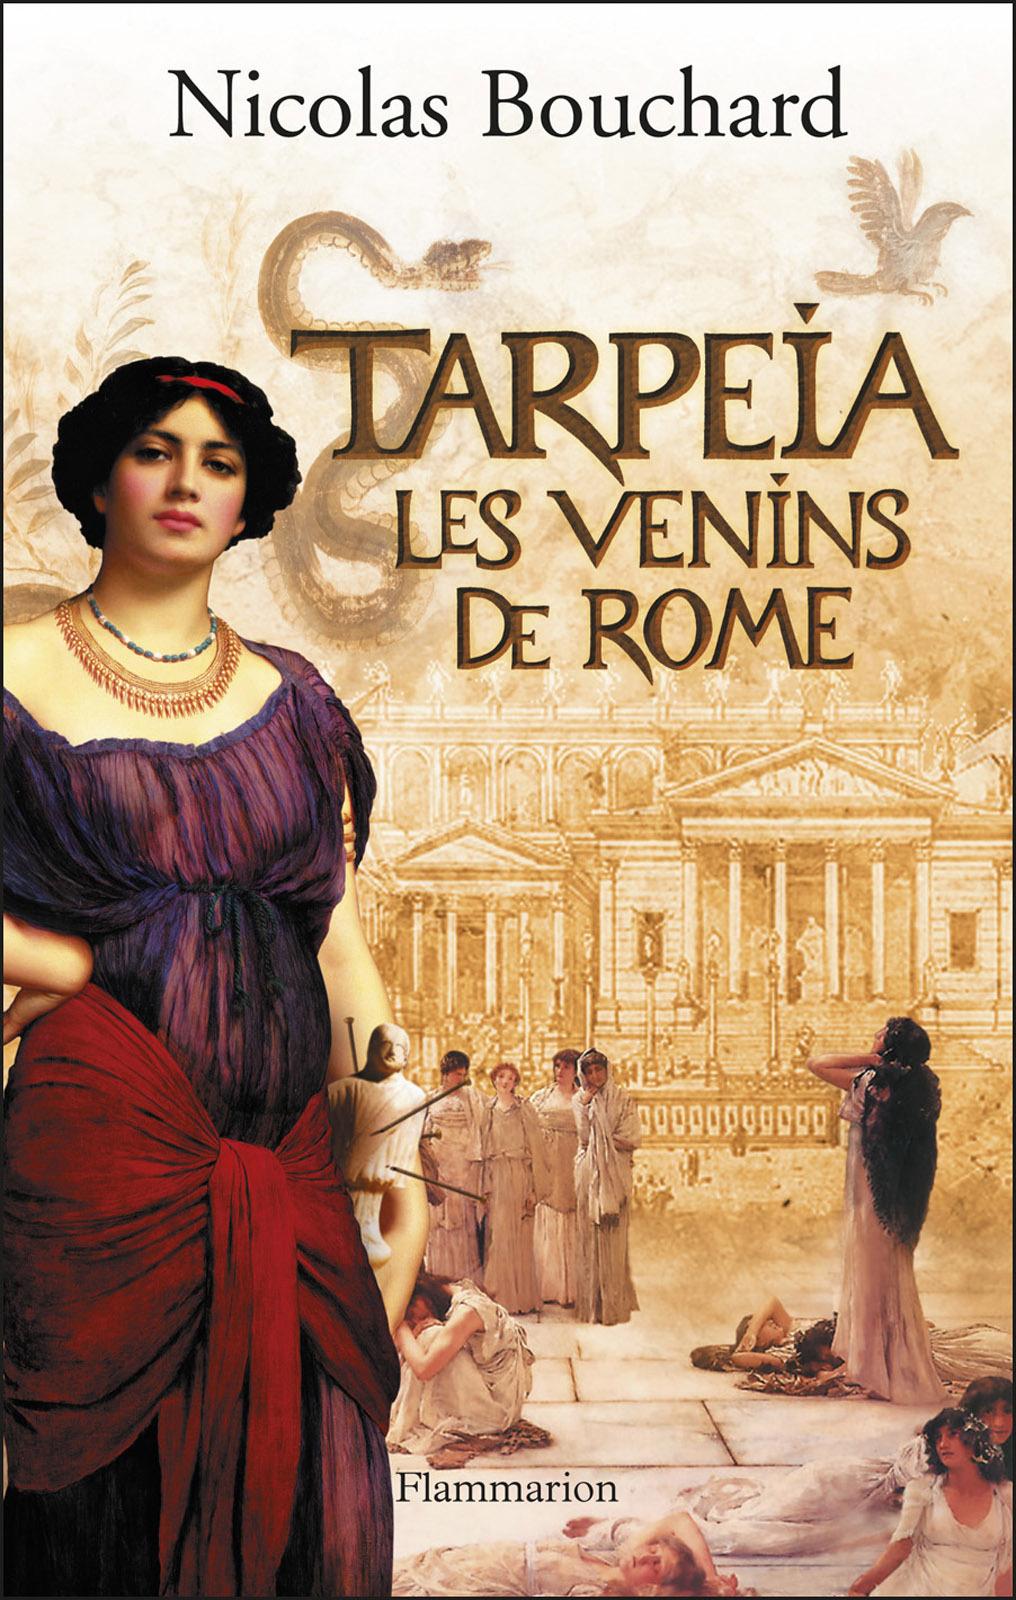 Tarpeïa, les venins de Rome